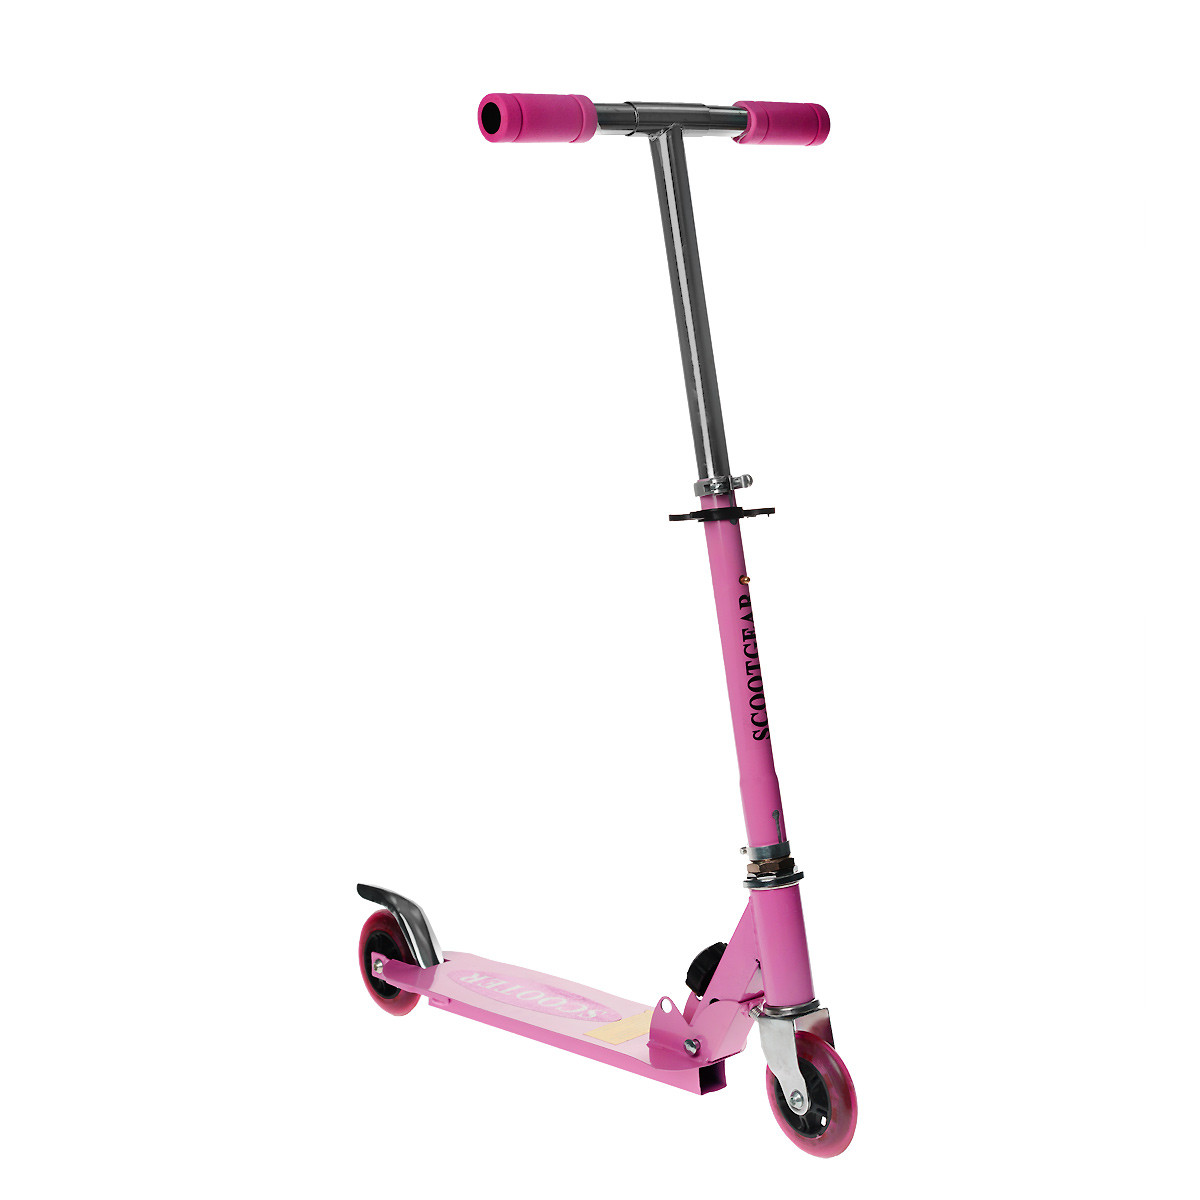 Самокат двухколесный Charming Sports, цвет: розовый. CMS001